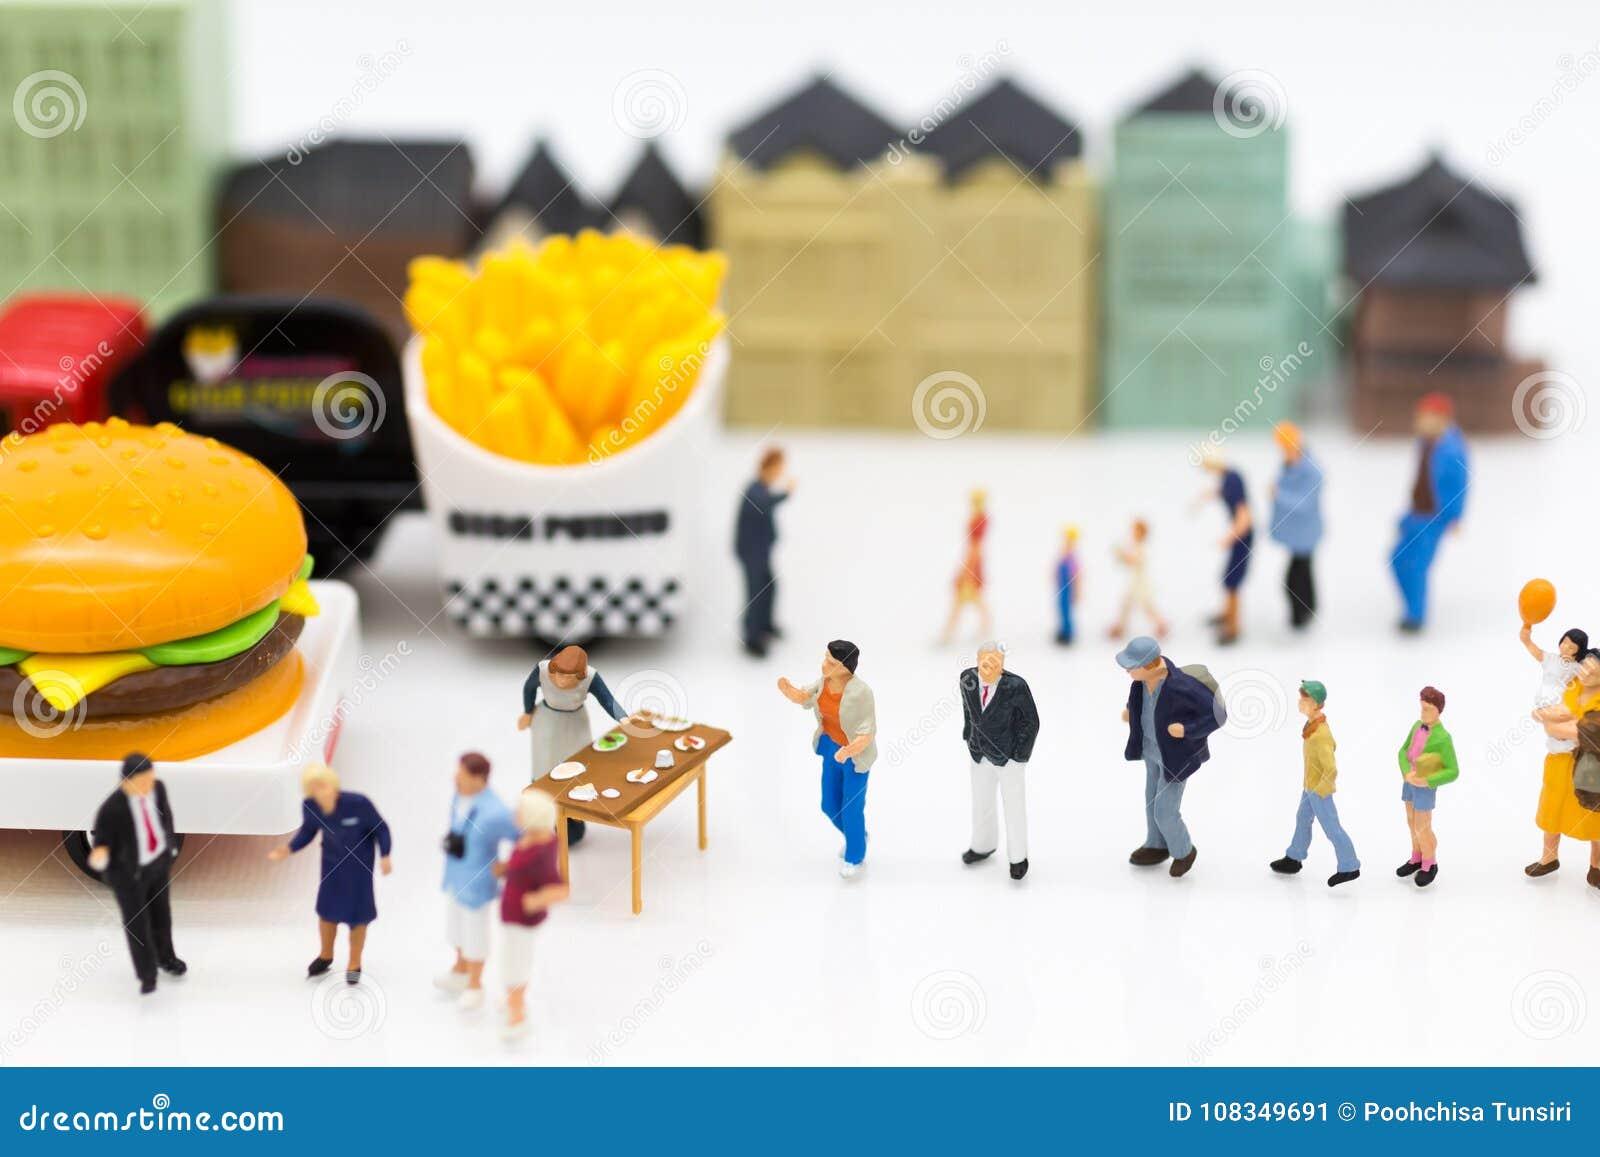 Miniatuurmensen: Groepsmensen die over marketing, Handelzaken spreken Beeldgebruik voor Concessie bedrijfsconcept